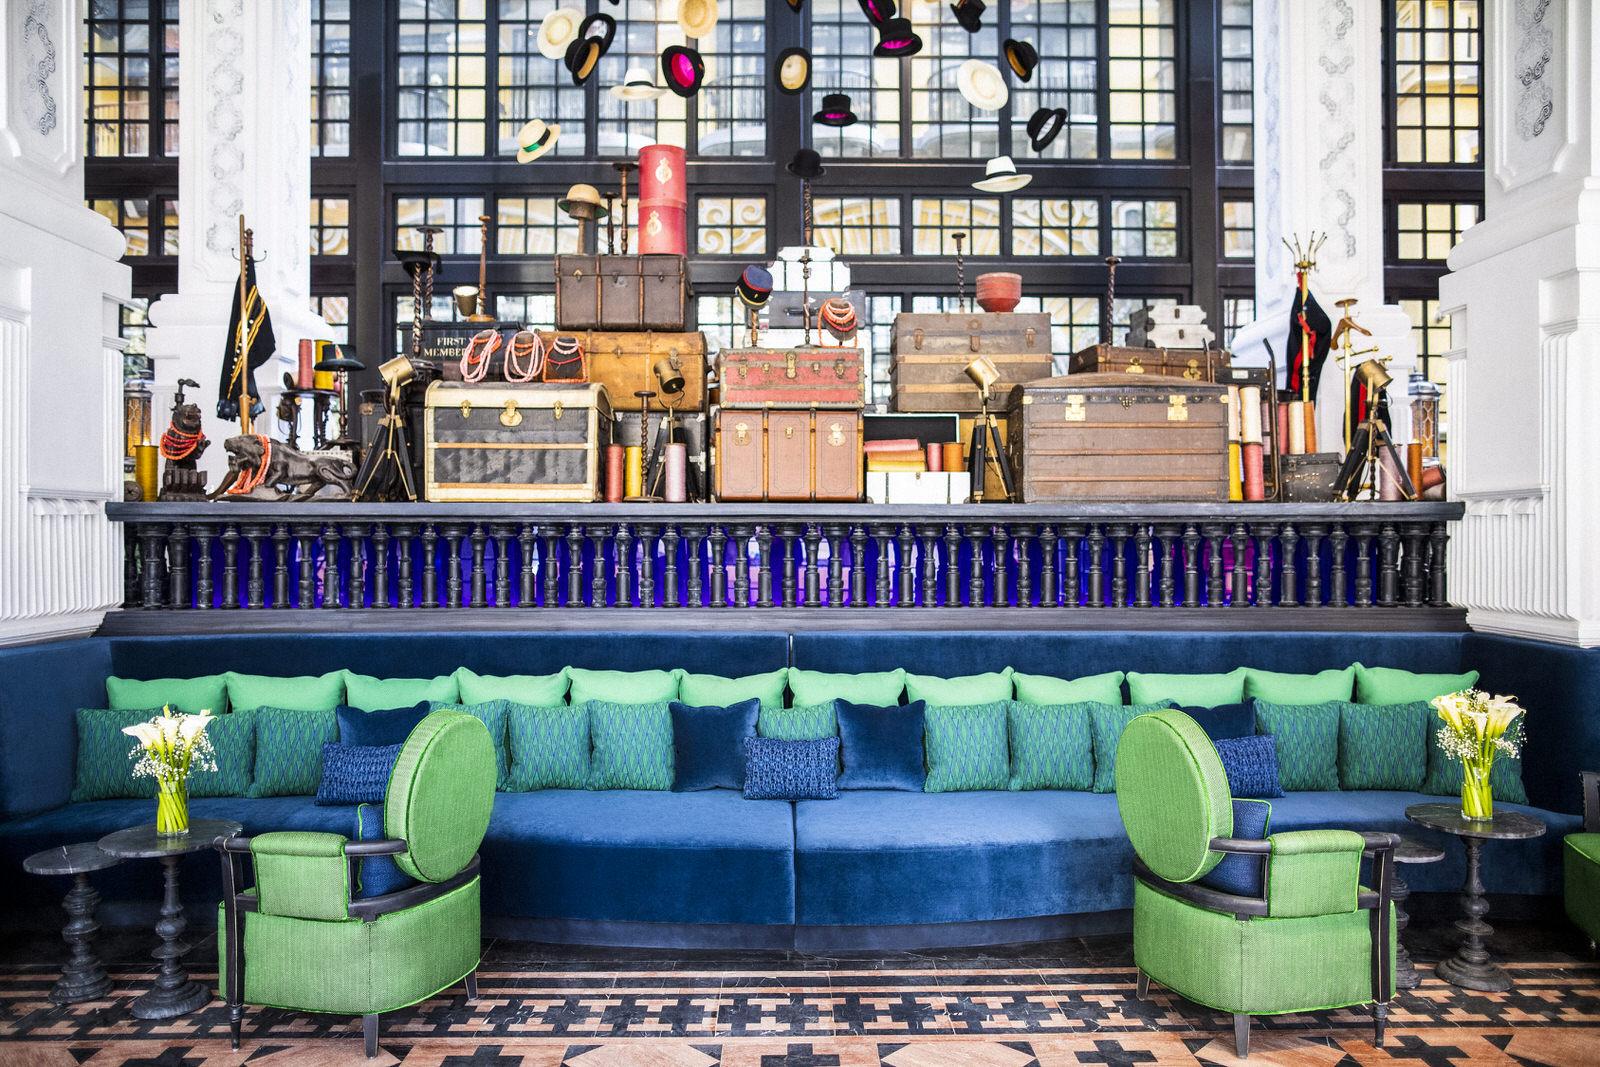 Choáng với vẻ đẹp của khách sạn ở Sa Pa trên CNN - Ảnh 5